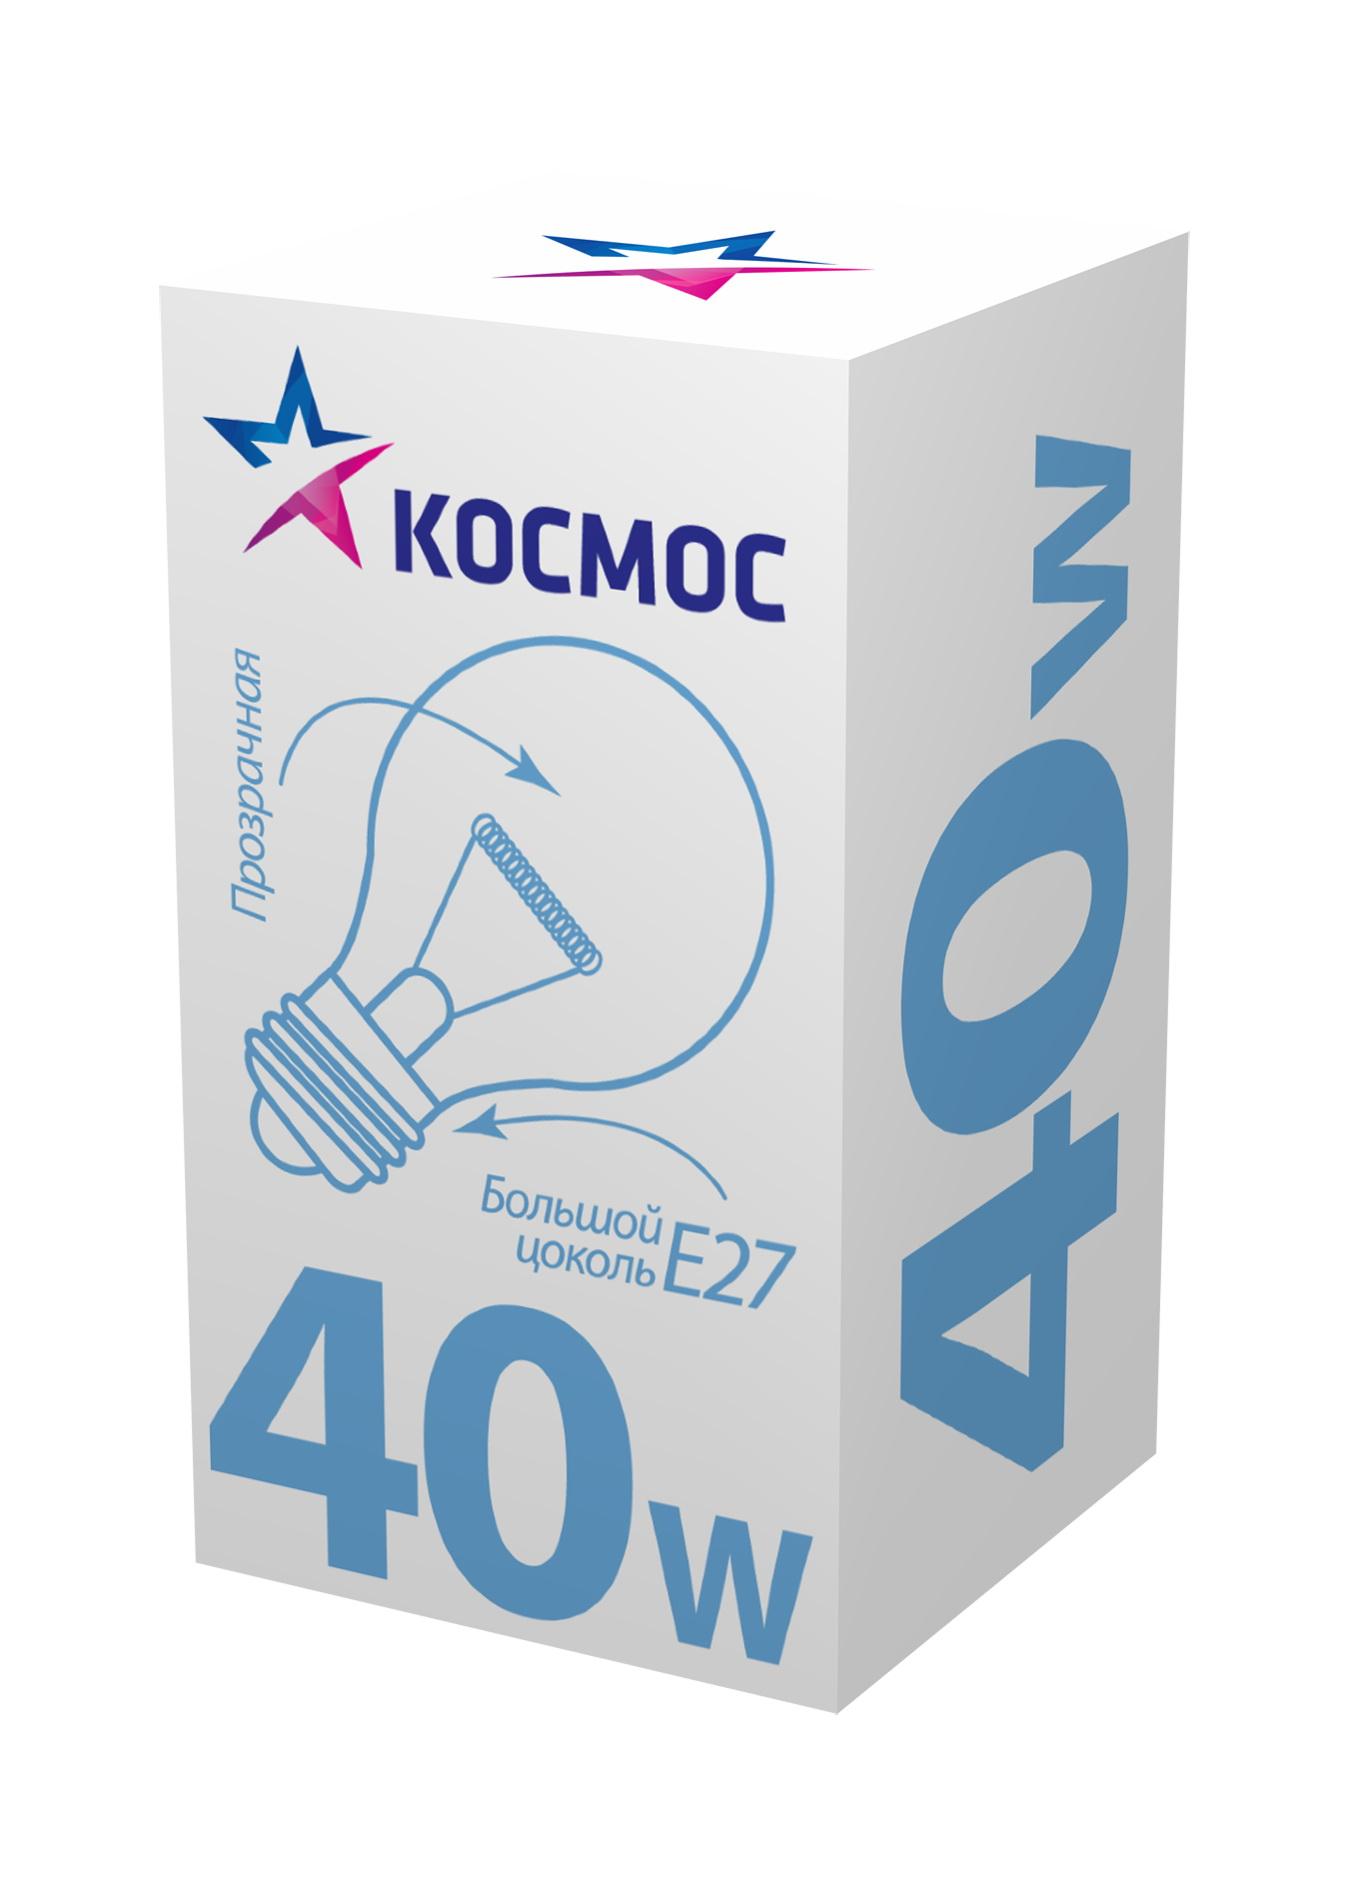 Лампа накаливания КОСМОС 40 Ватт груша прозрачная Е27